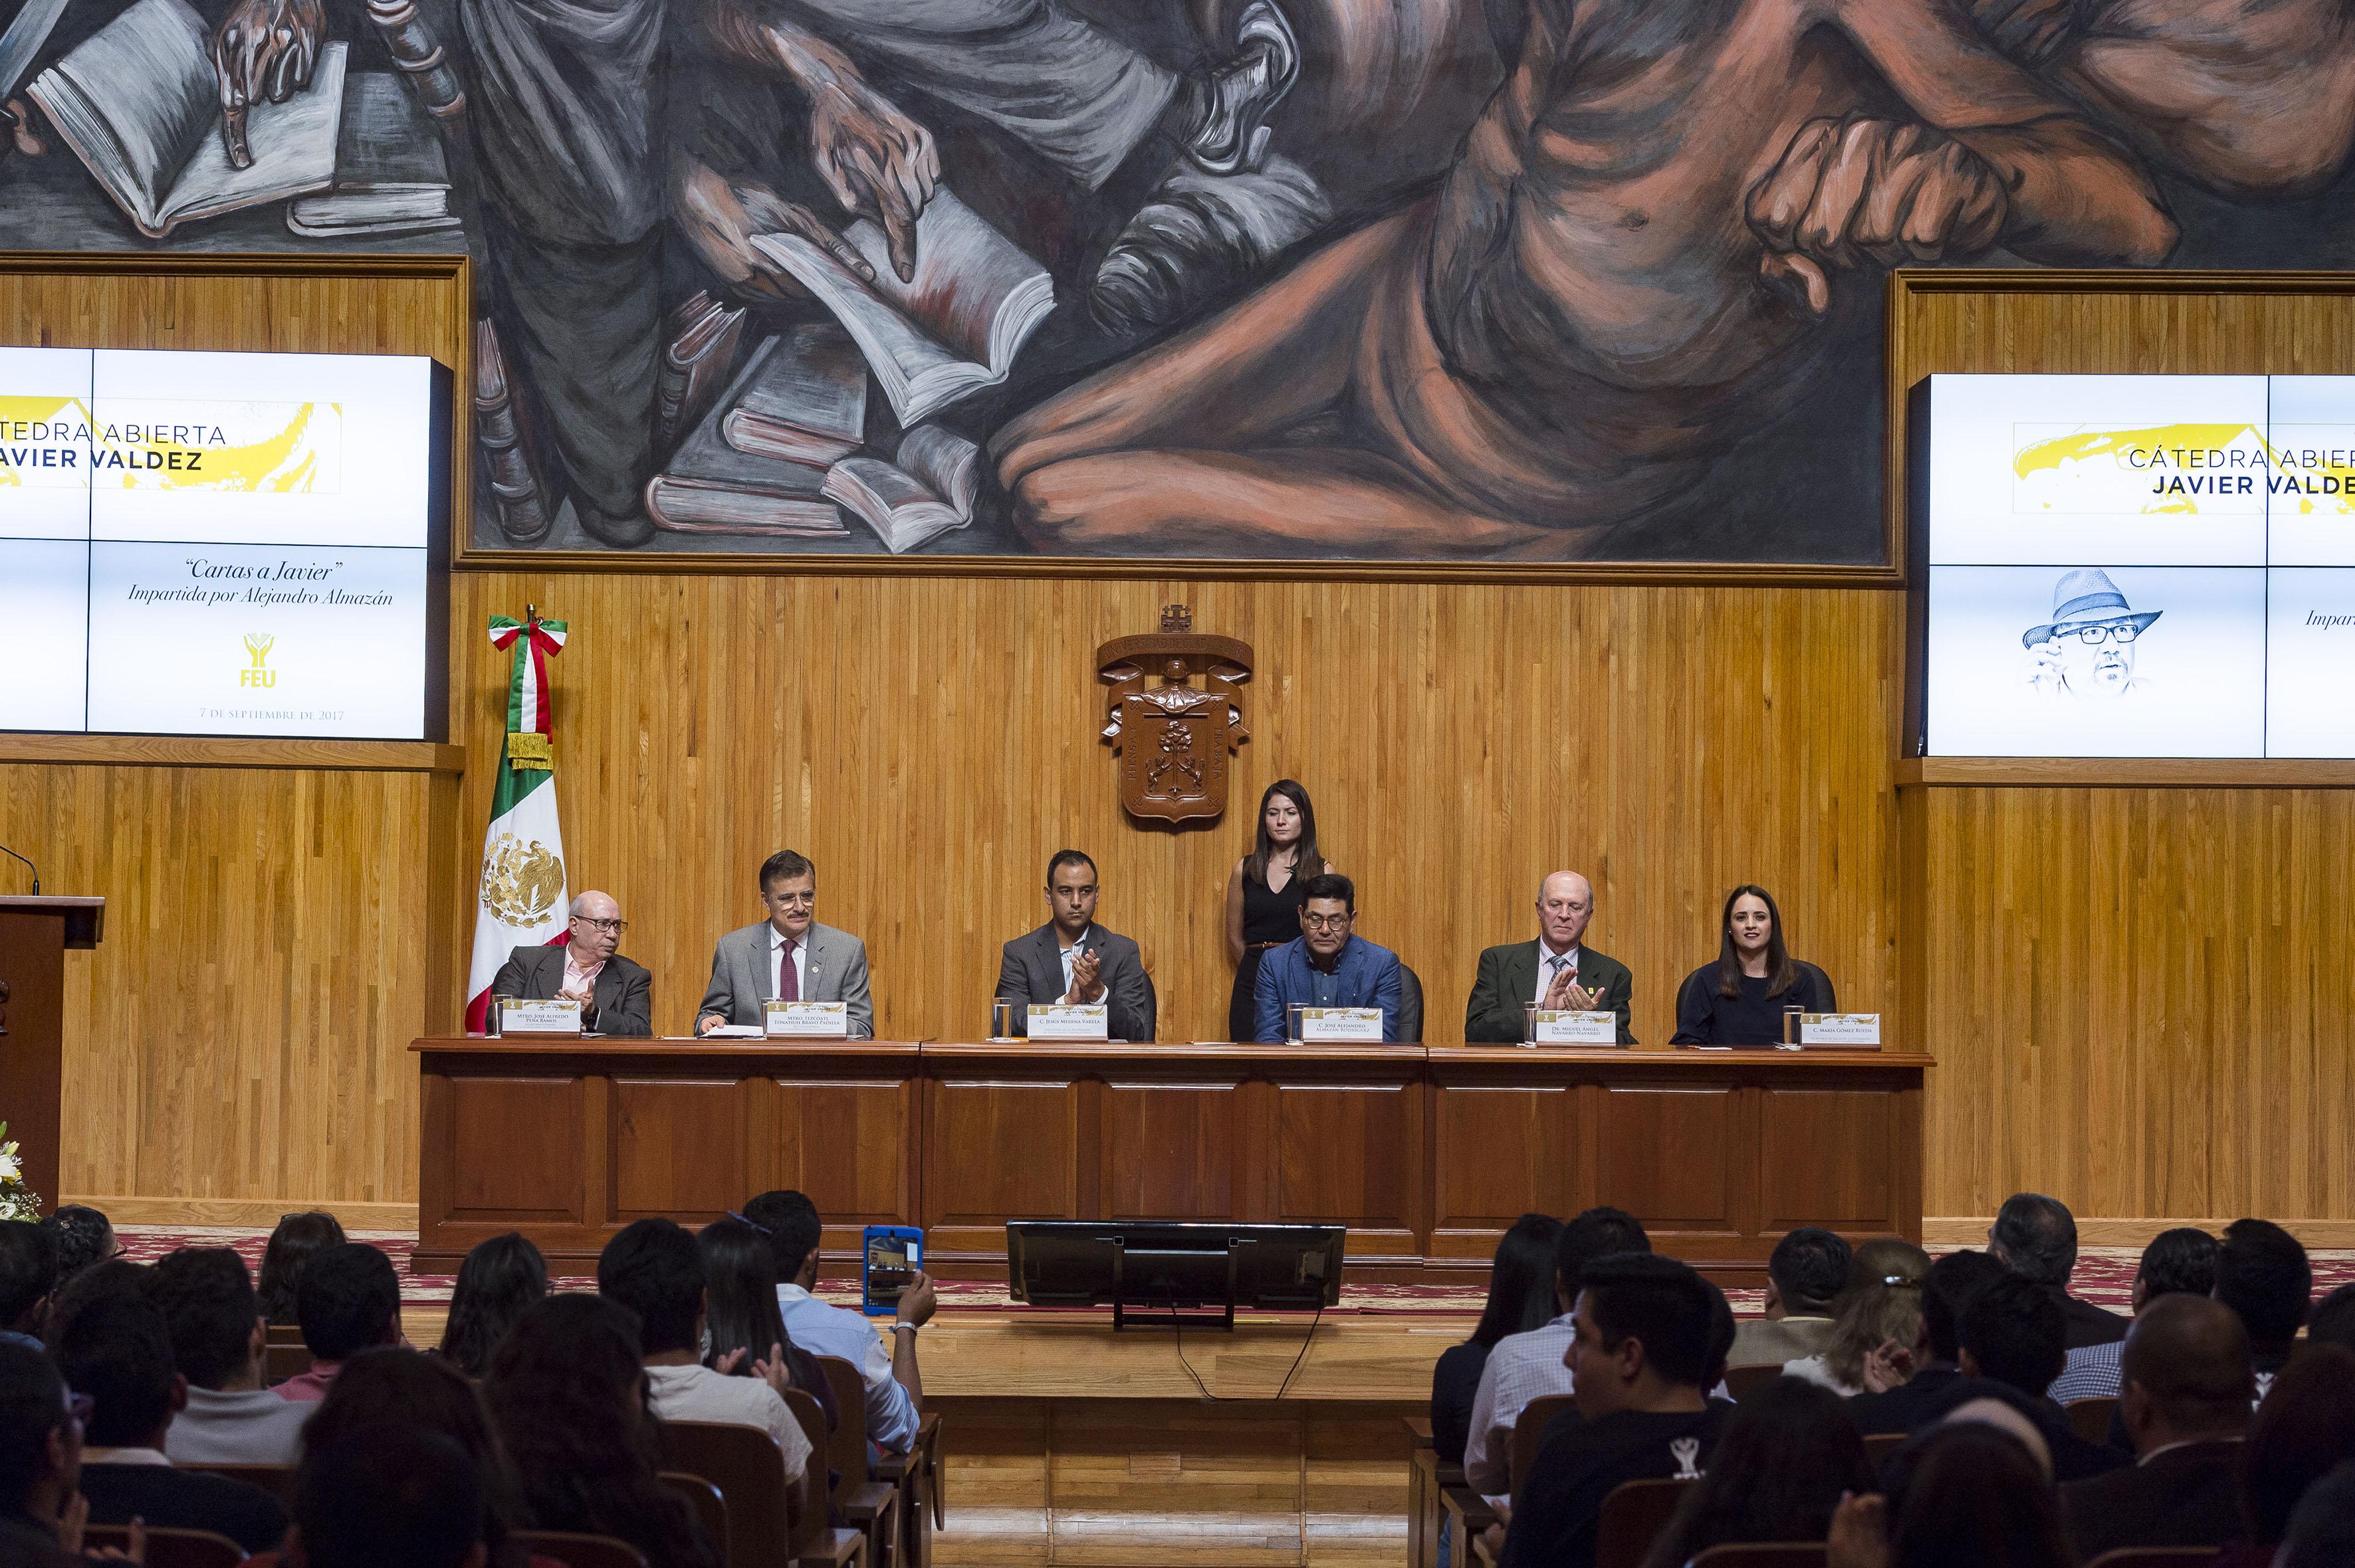 Inauguración de  cátedra en honor al periodista Javier Valdez